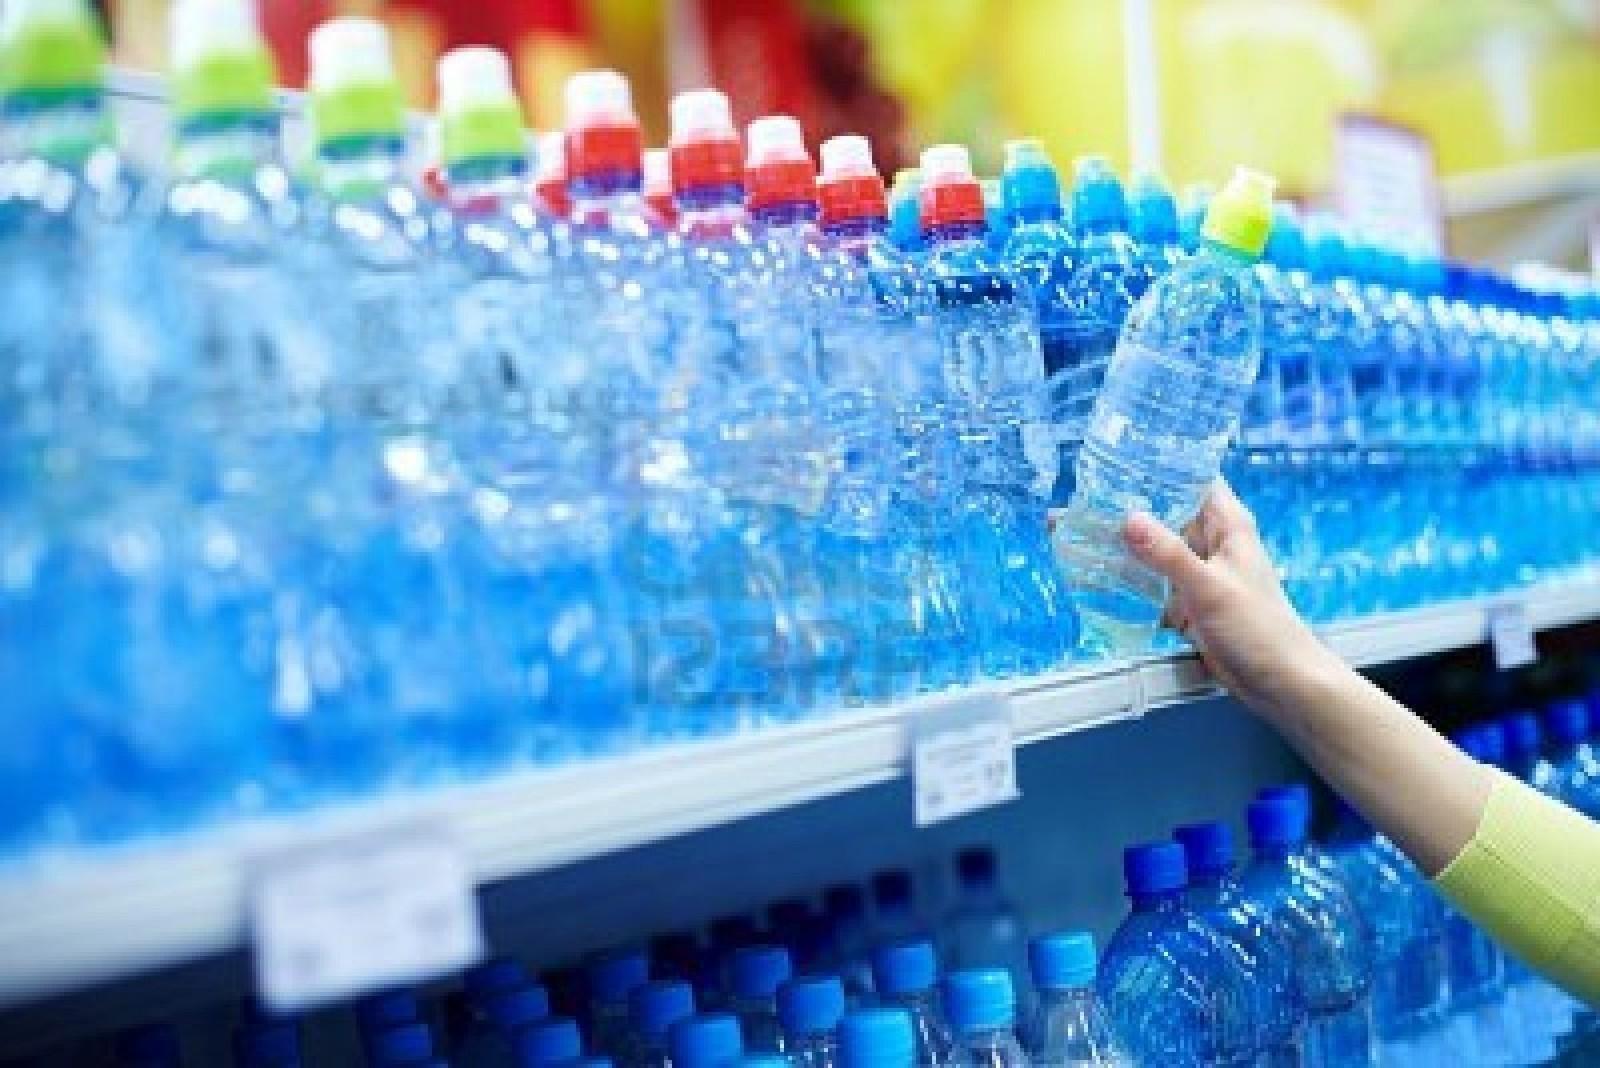 Lista OFICIALA a tuturor apelor naturale minerale din Romania! Orice altceva vezi in supermarket e TEAPA!